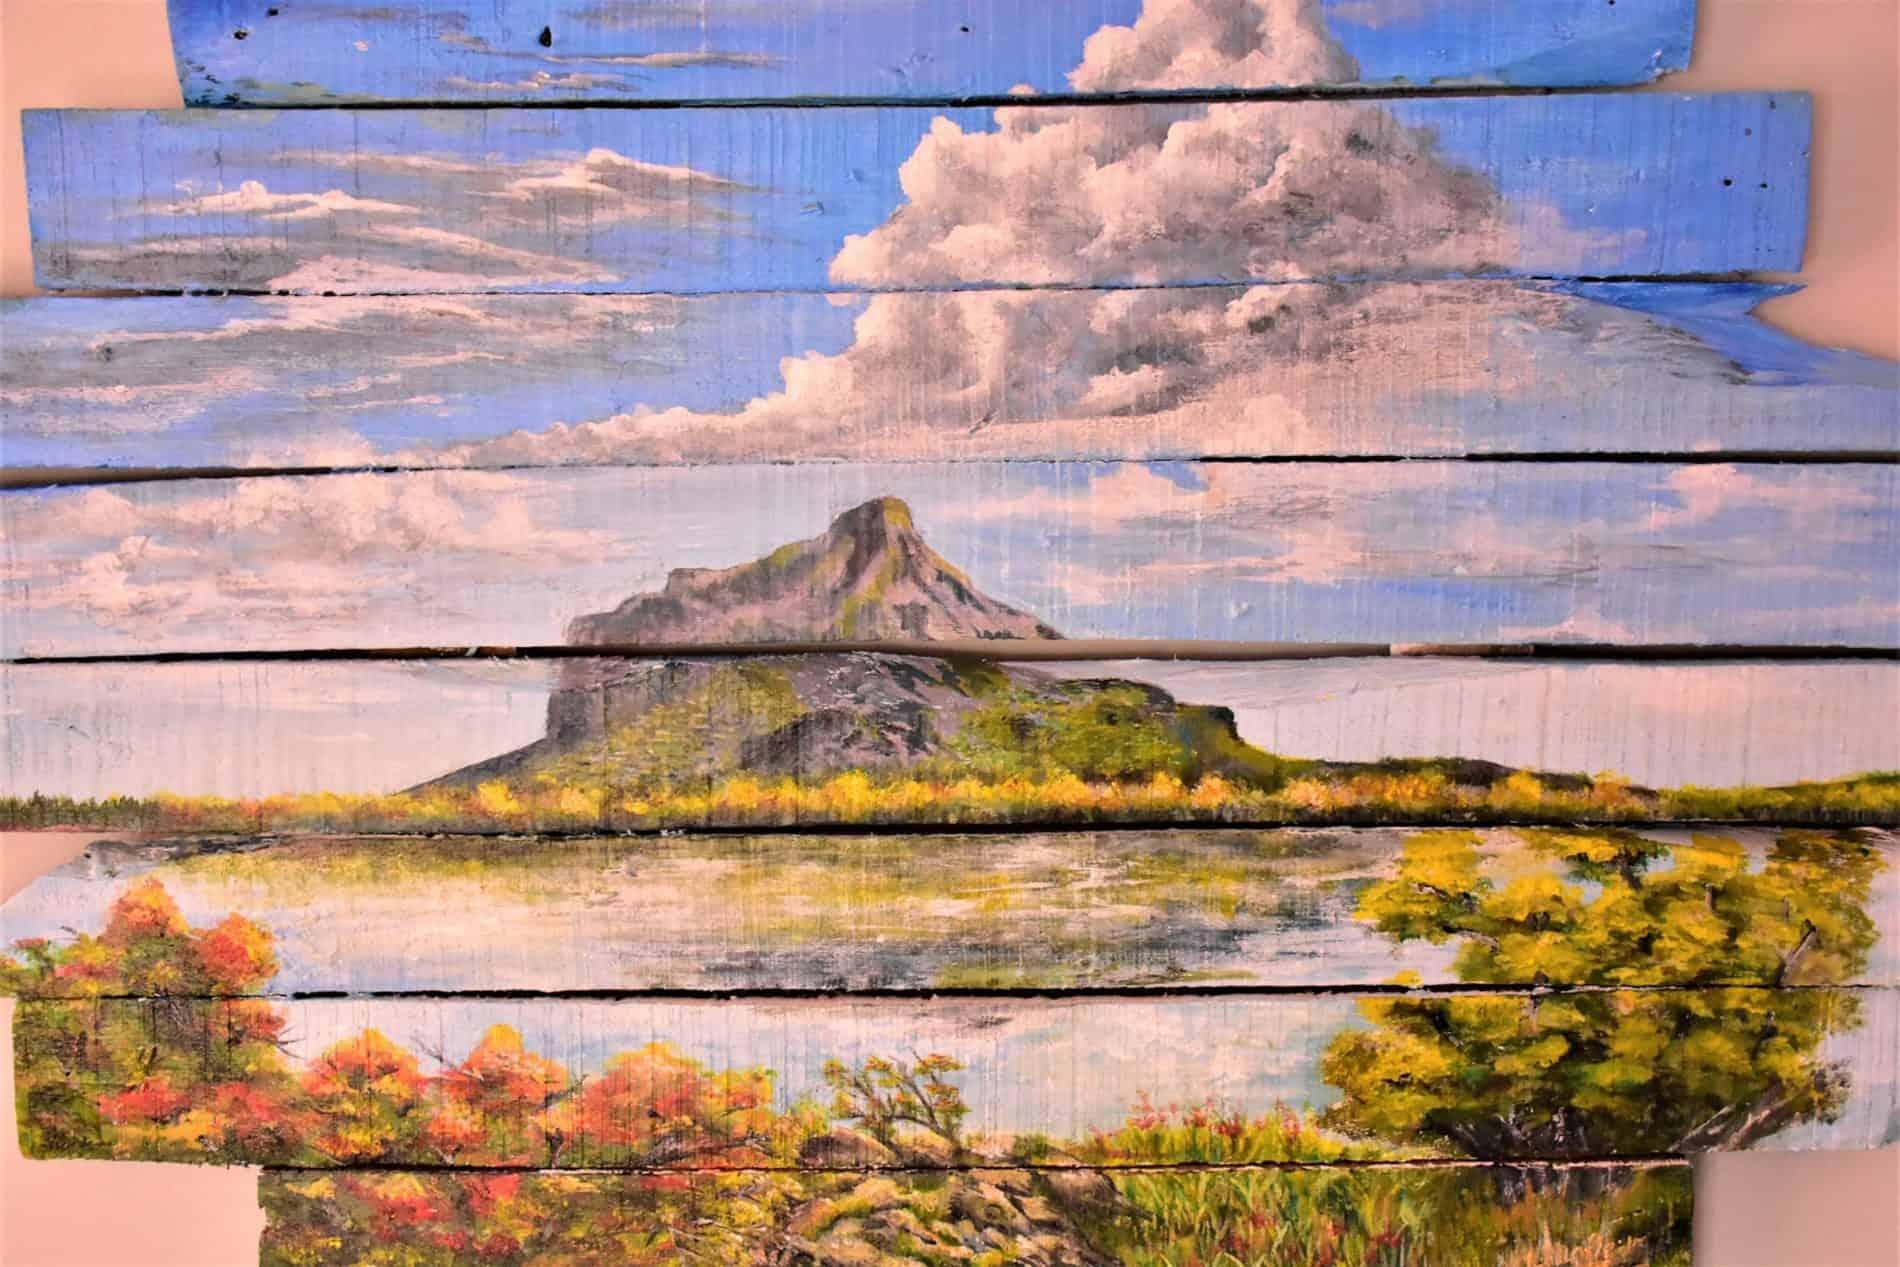 mauritius-arts-jean-francois-lafleur-le-morne-brabant-unesco-world